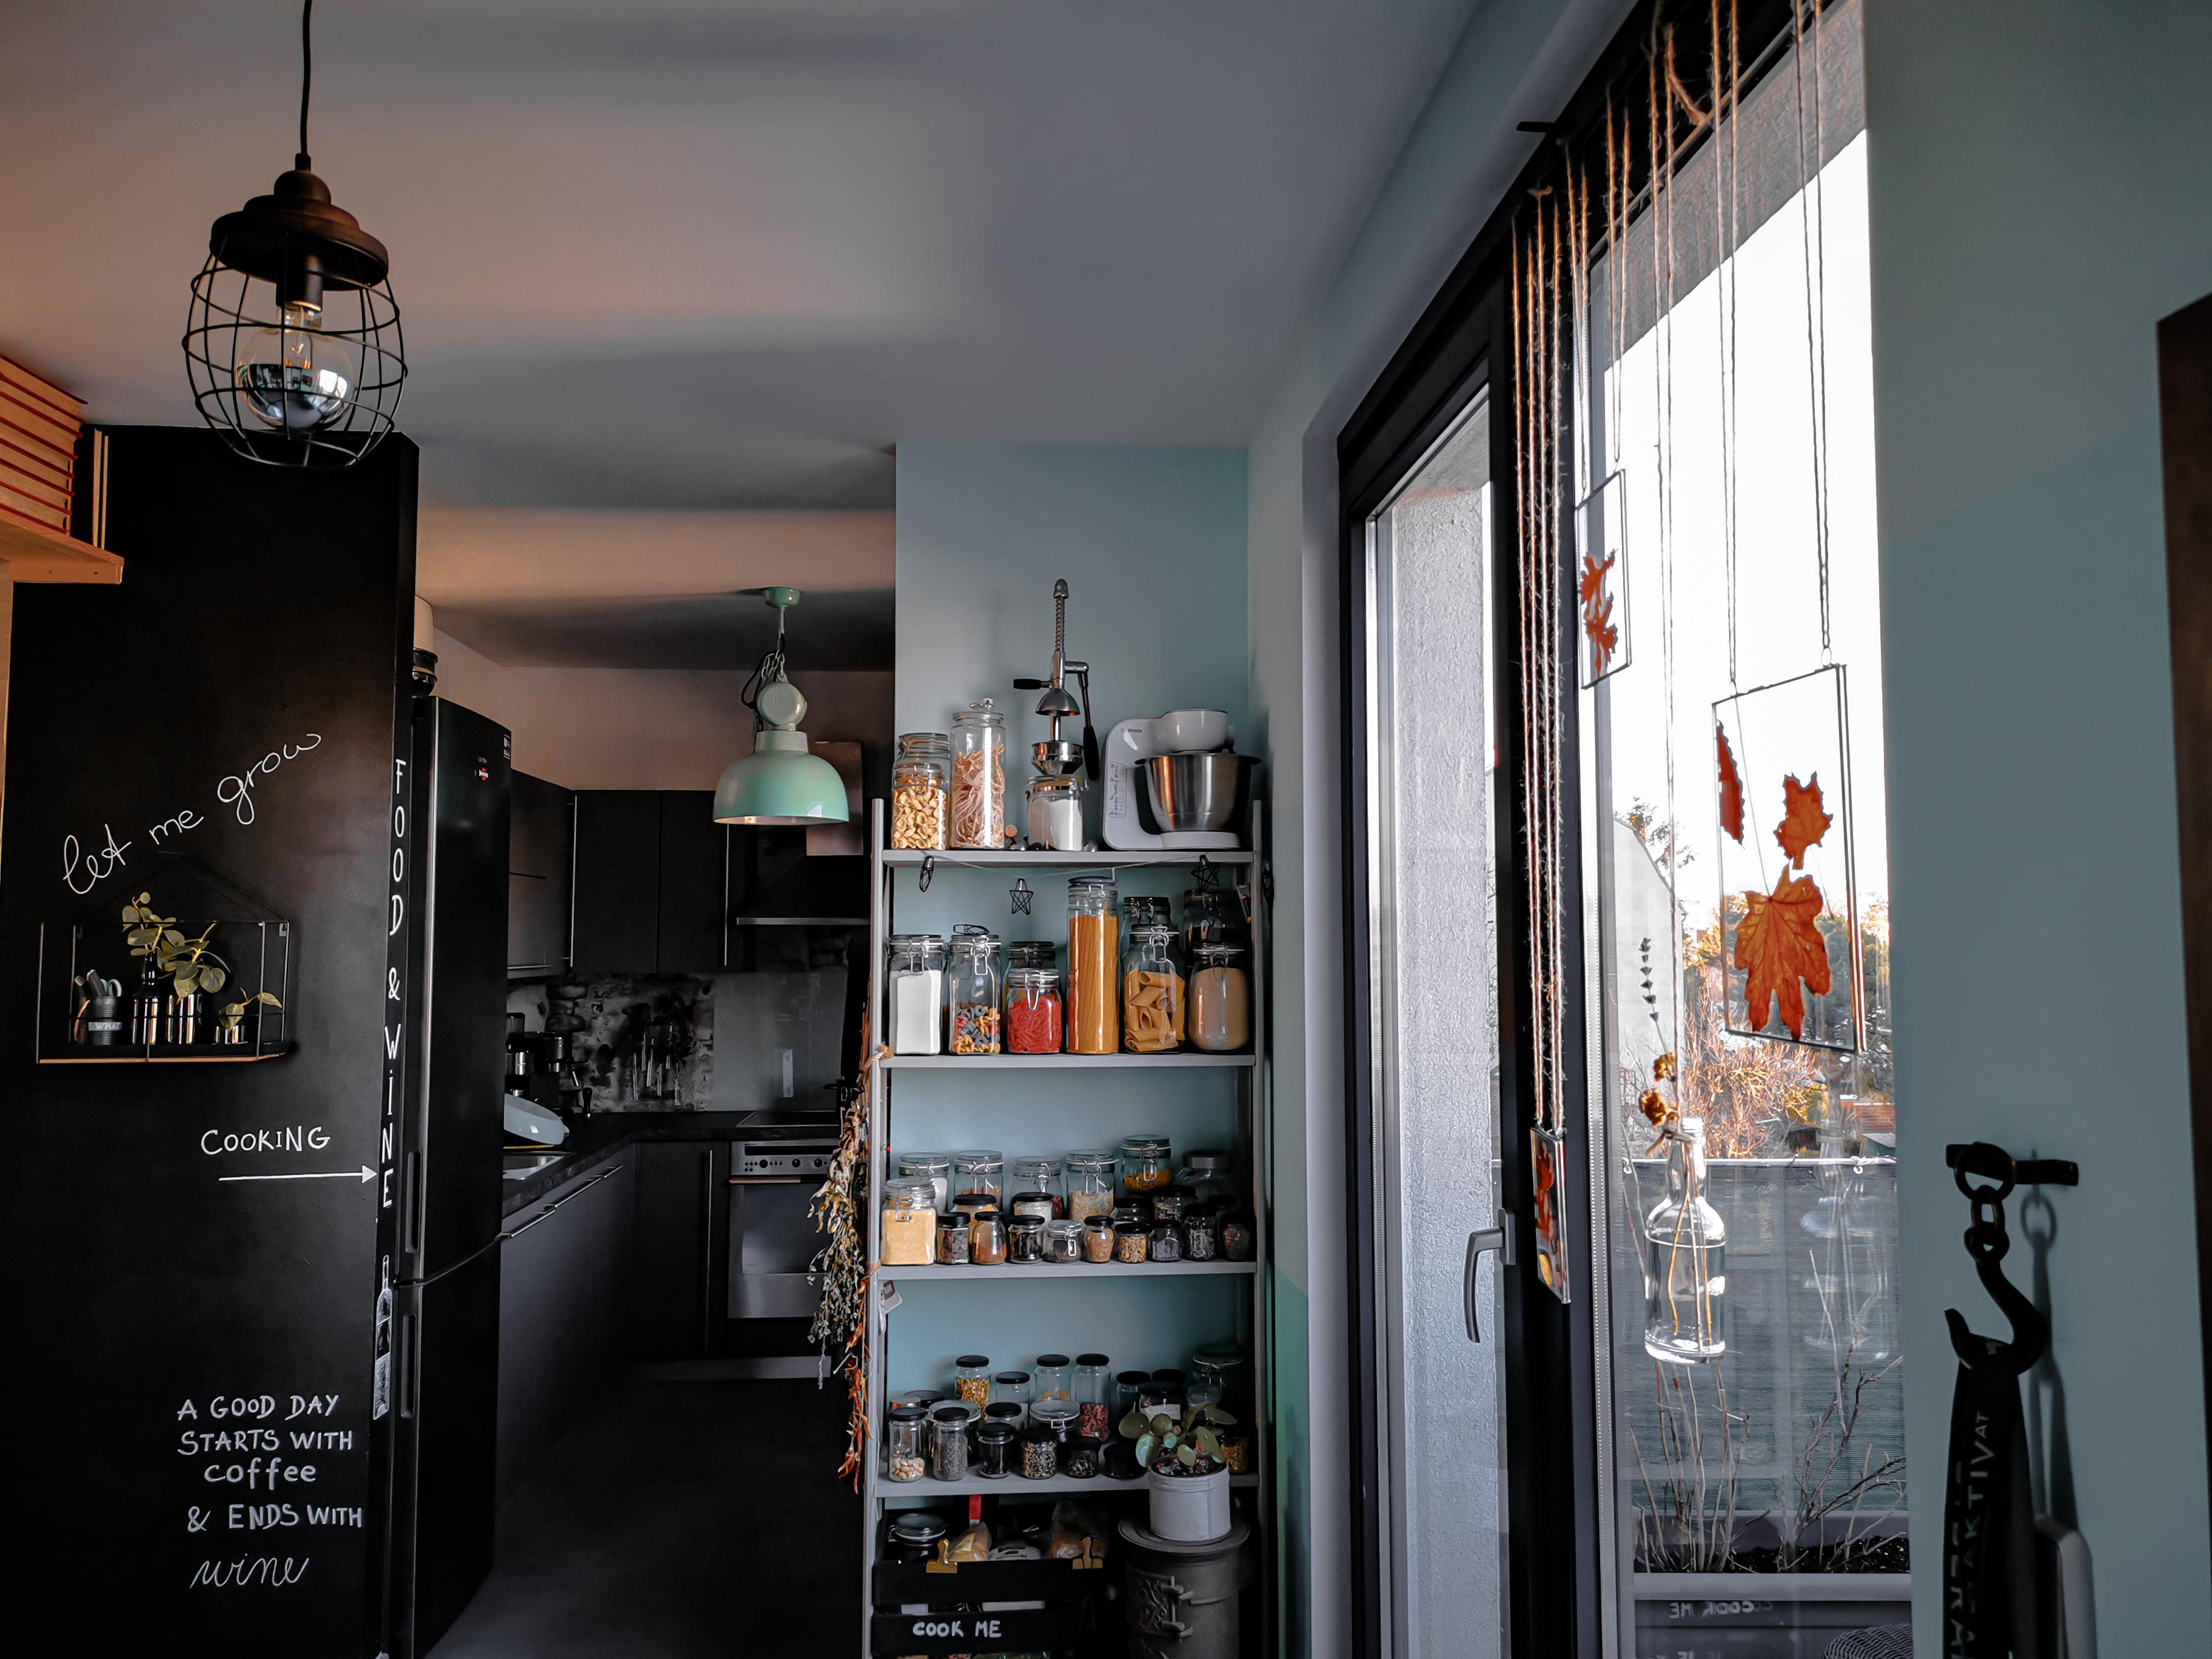 IMG 20200208 153422 - Projekt Vorzimmer: 11 DIY-Ideen an einem Ort